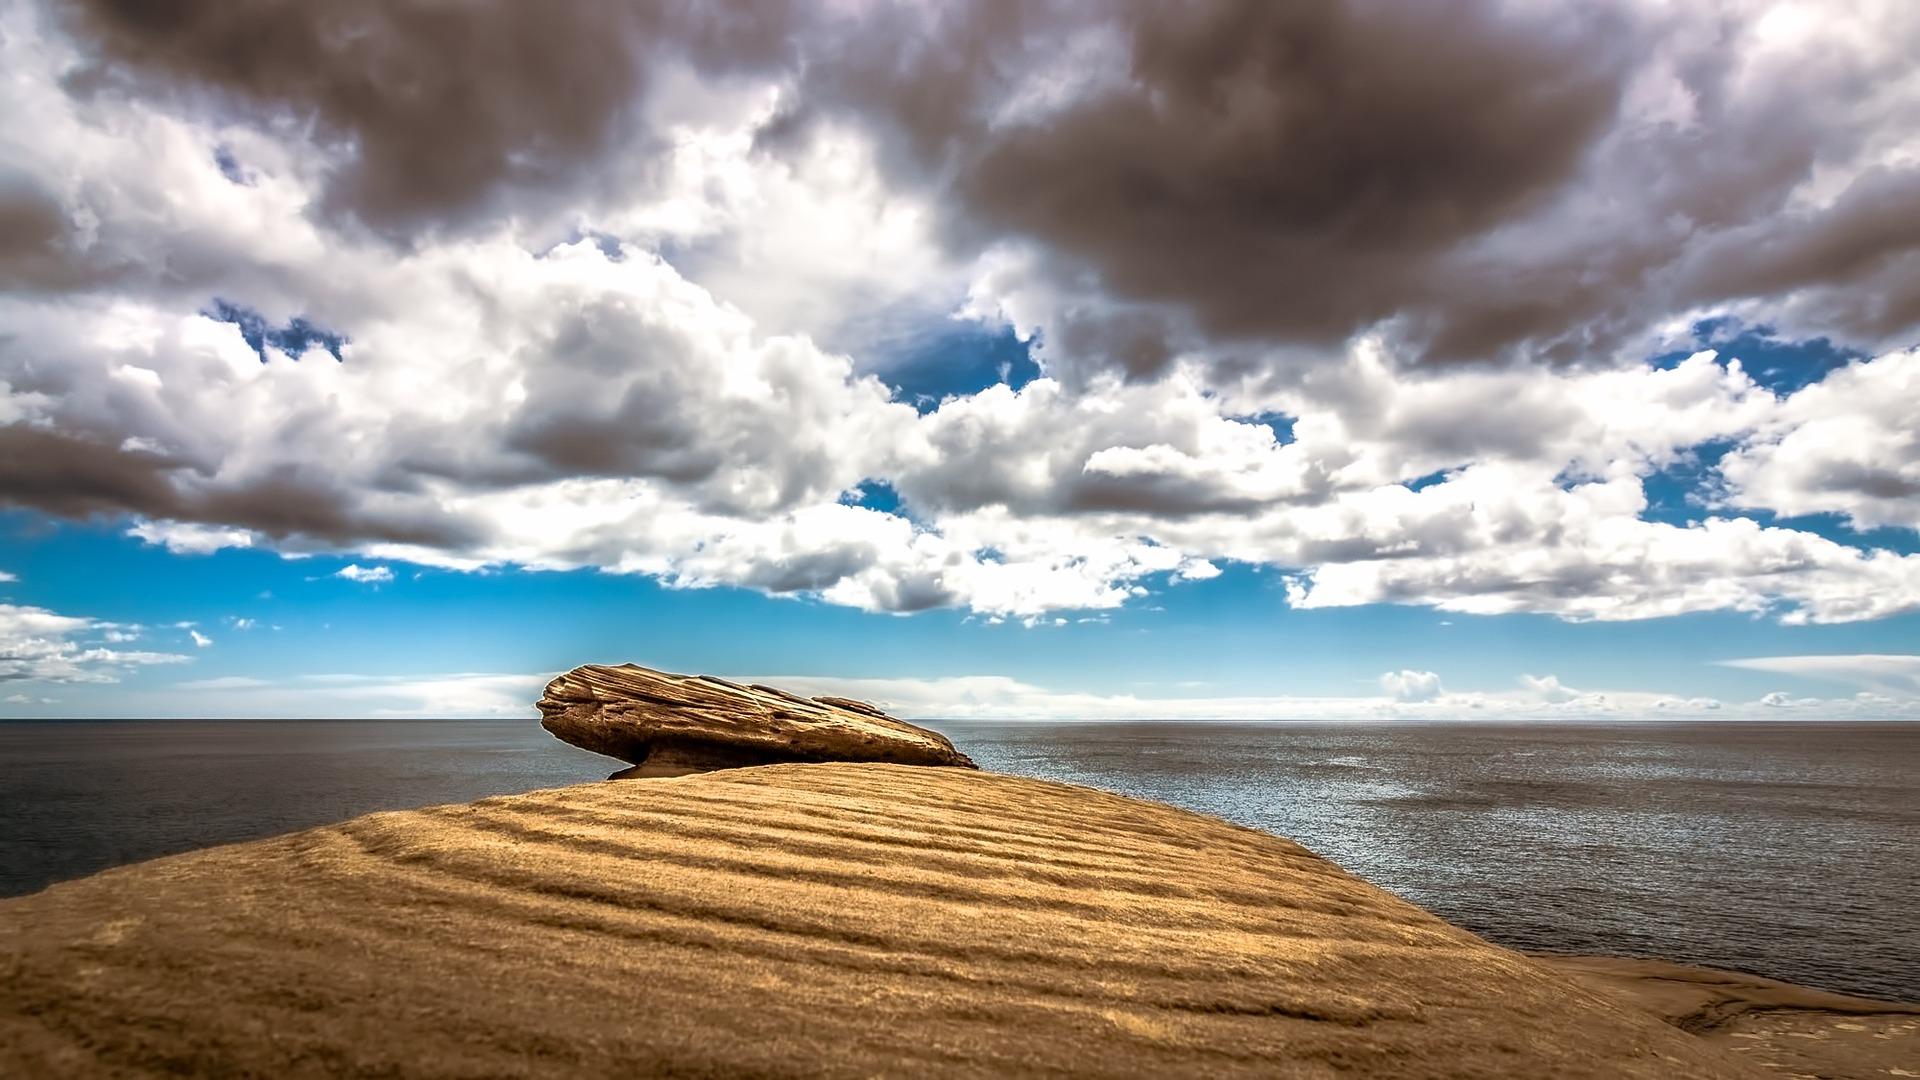 seaside-2551378_1920